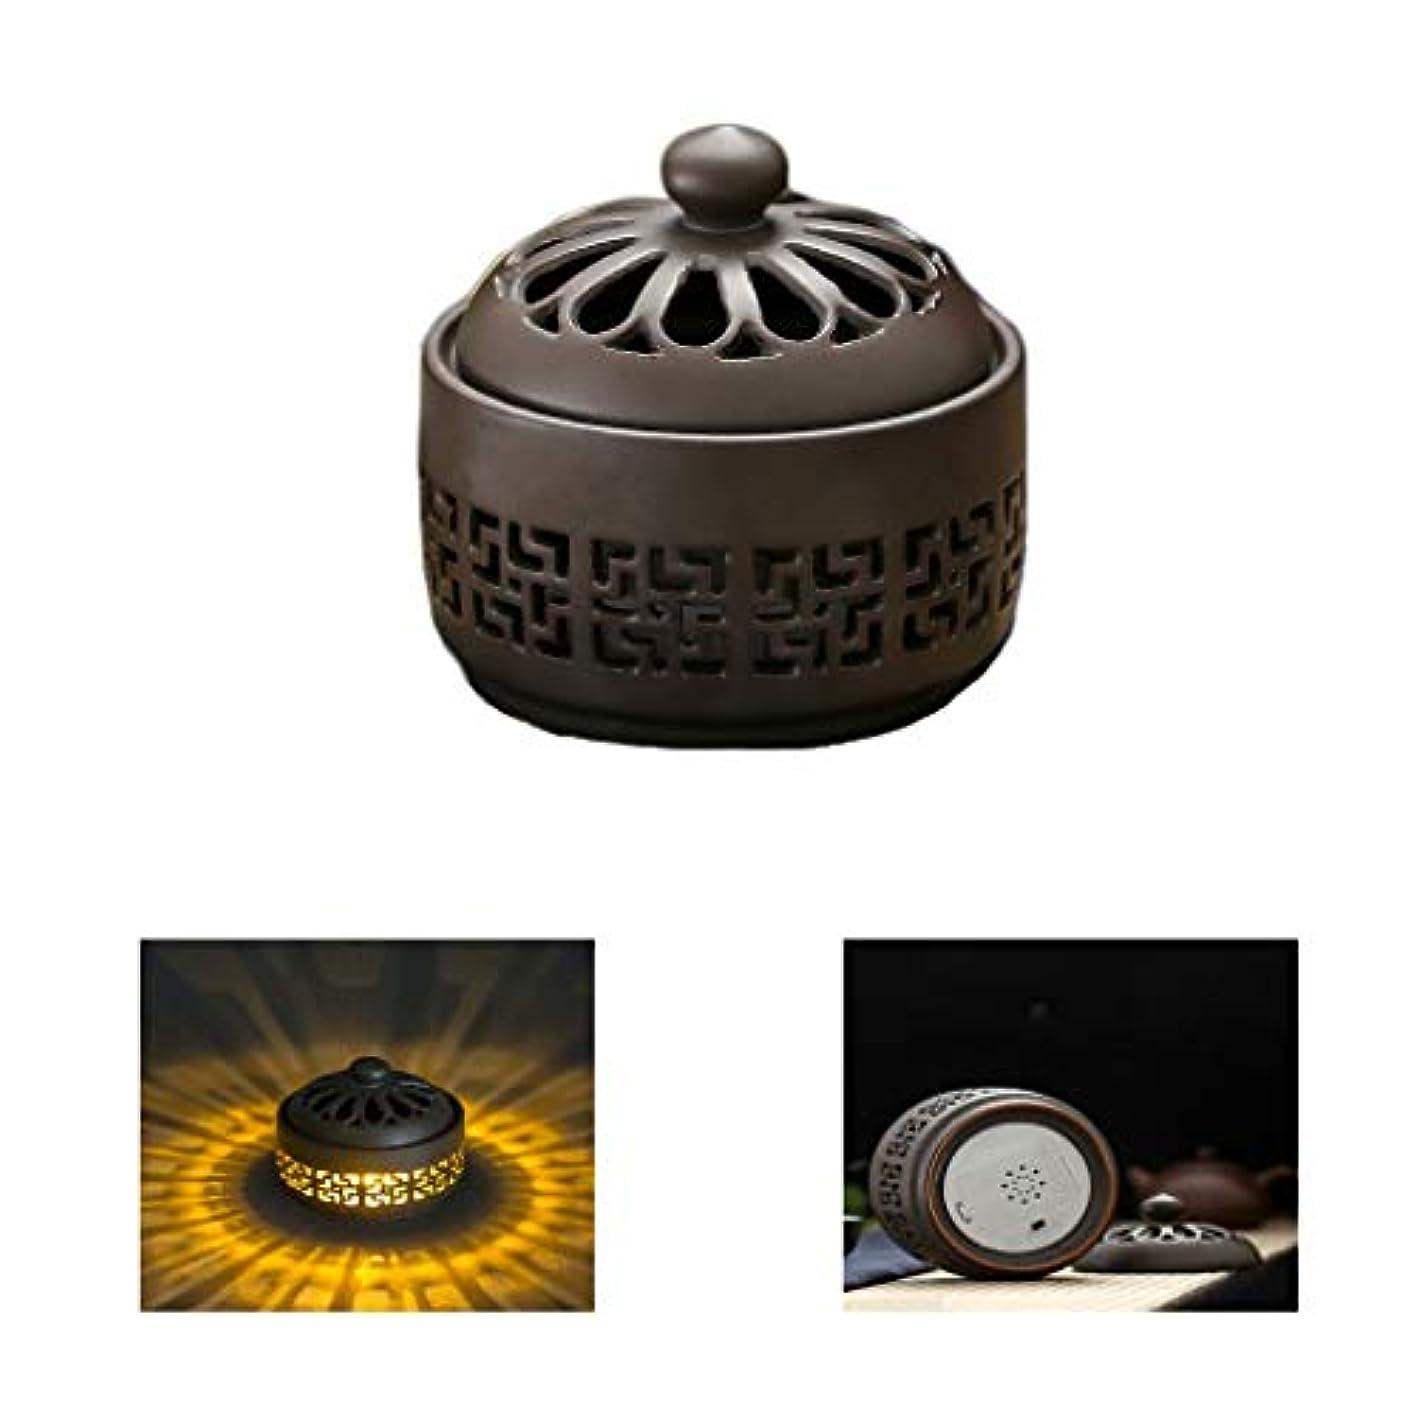 ネイティブリップグローホームアロマバーナー LED暖かい光香バーナーレトロノスタルジックなセラミック香炉高温アロマセラピー炉 アロマバーナー (Color : Earth tones)